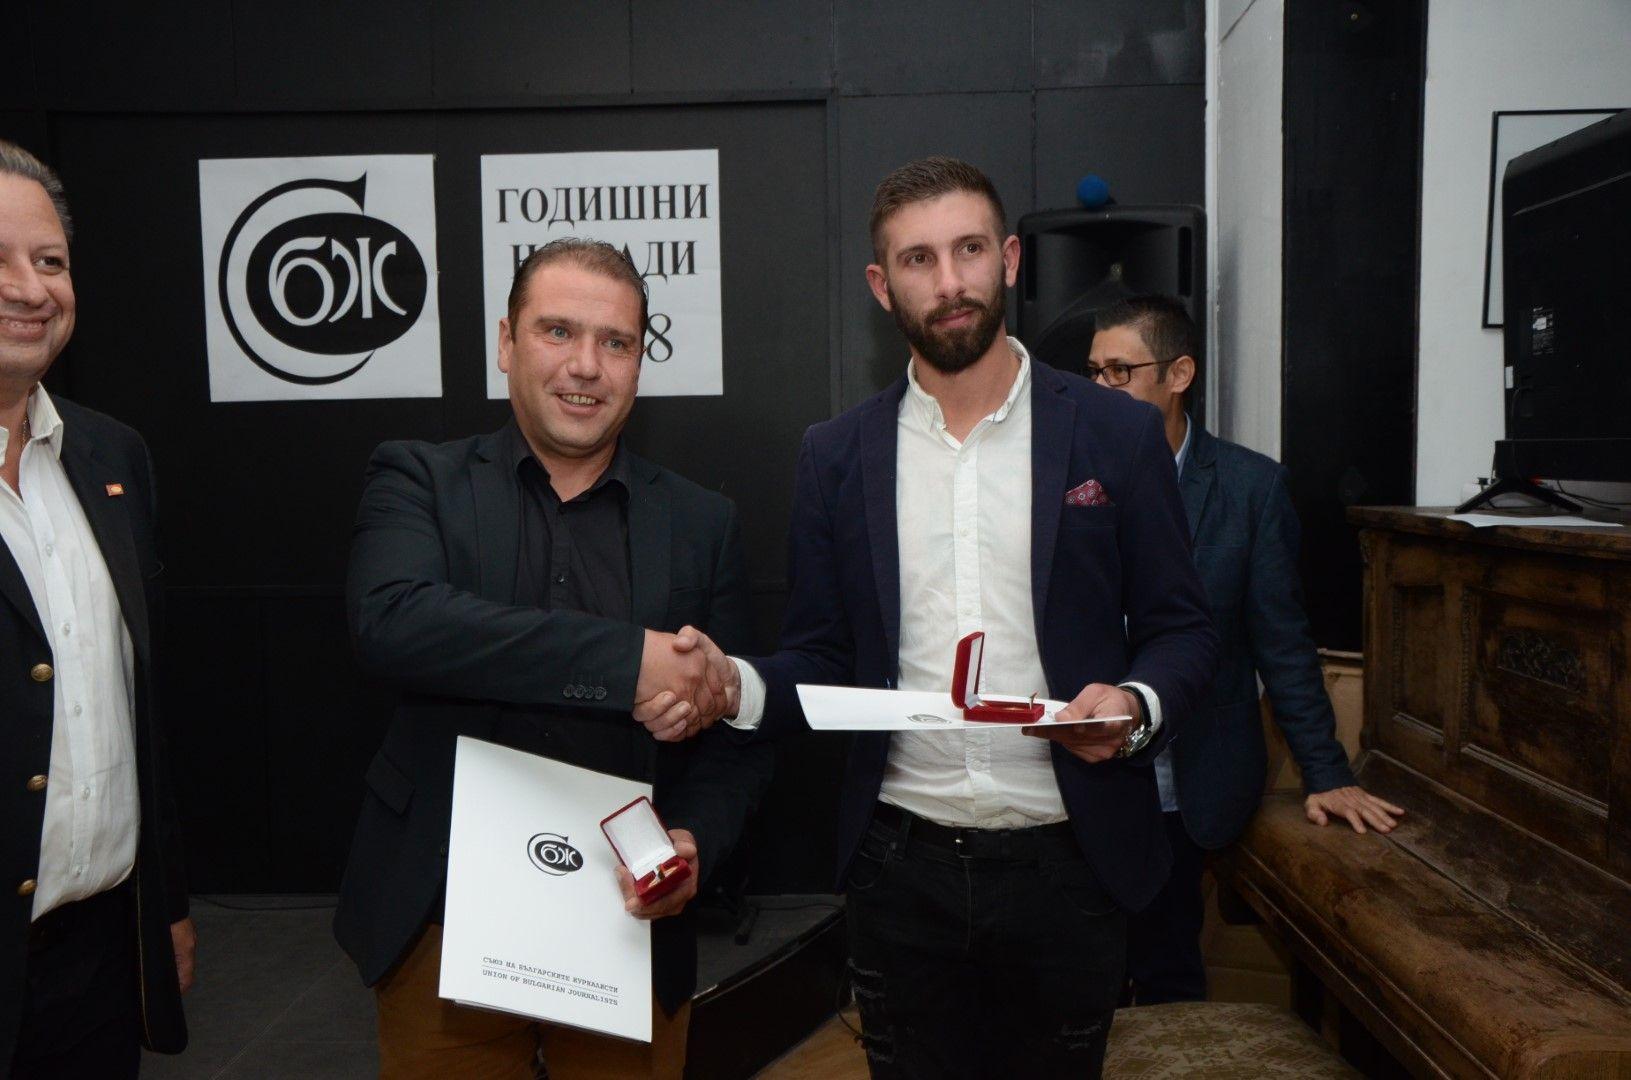 Христо Гешов и Иван Янев (вляво)